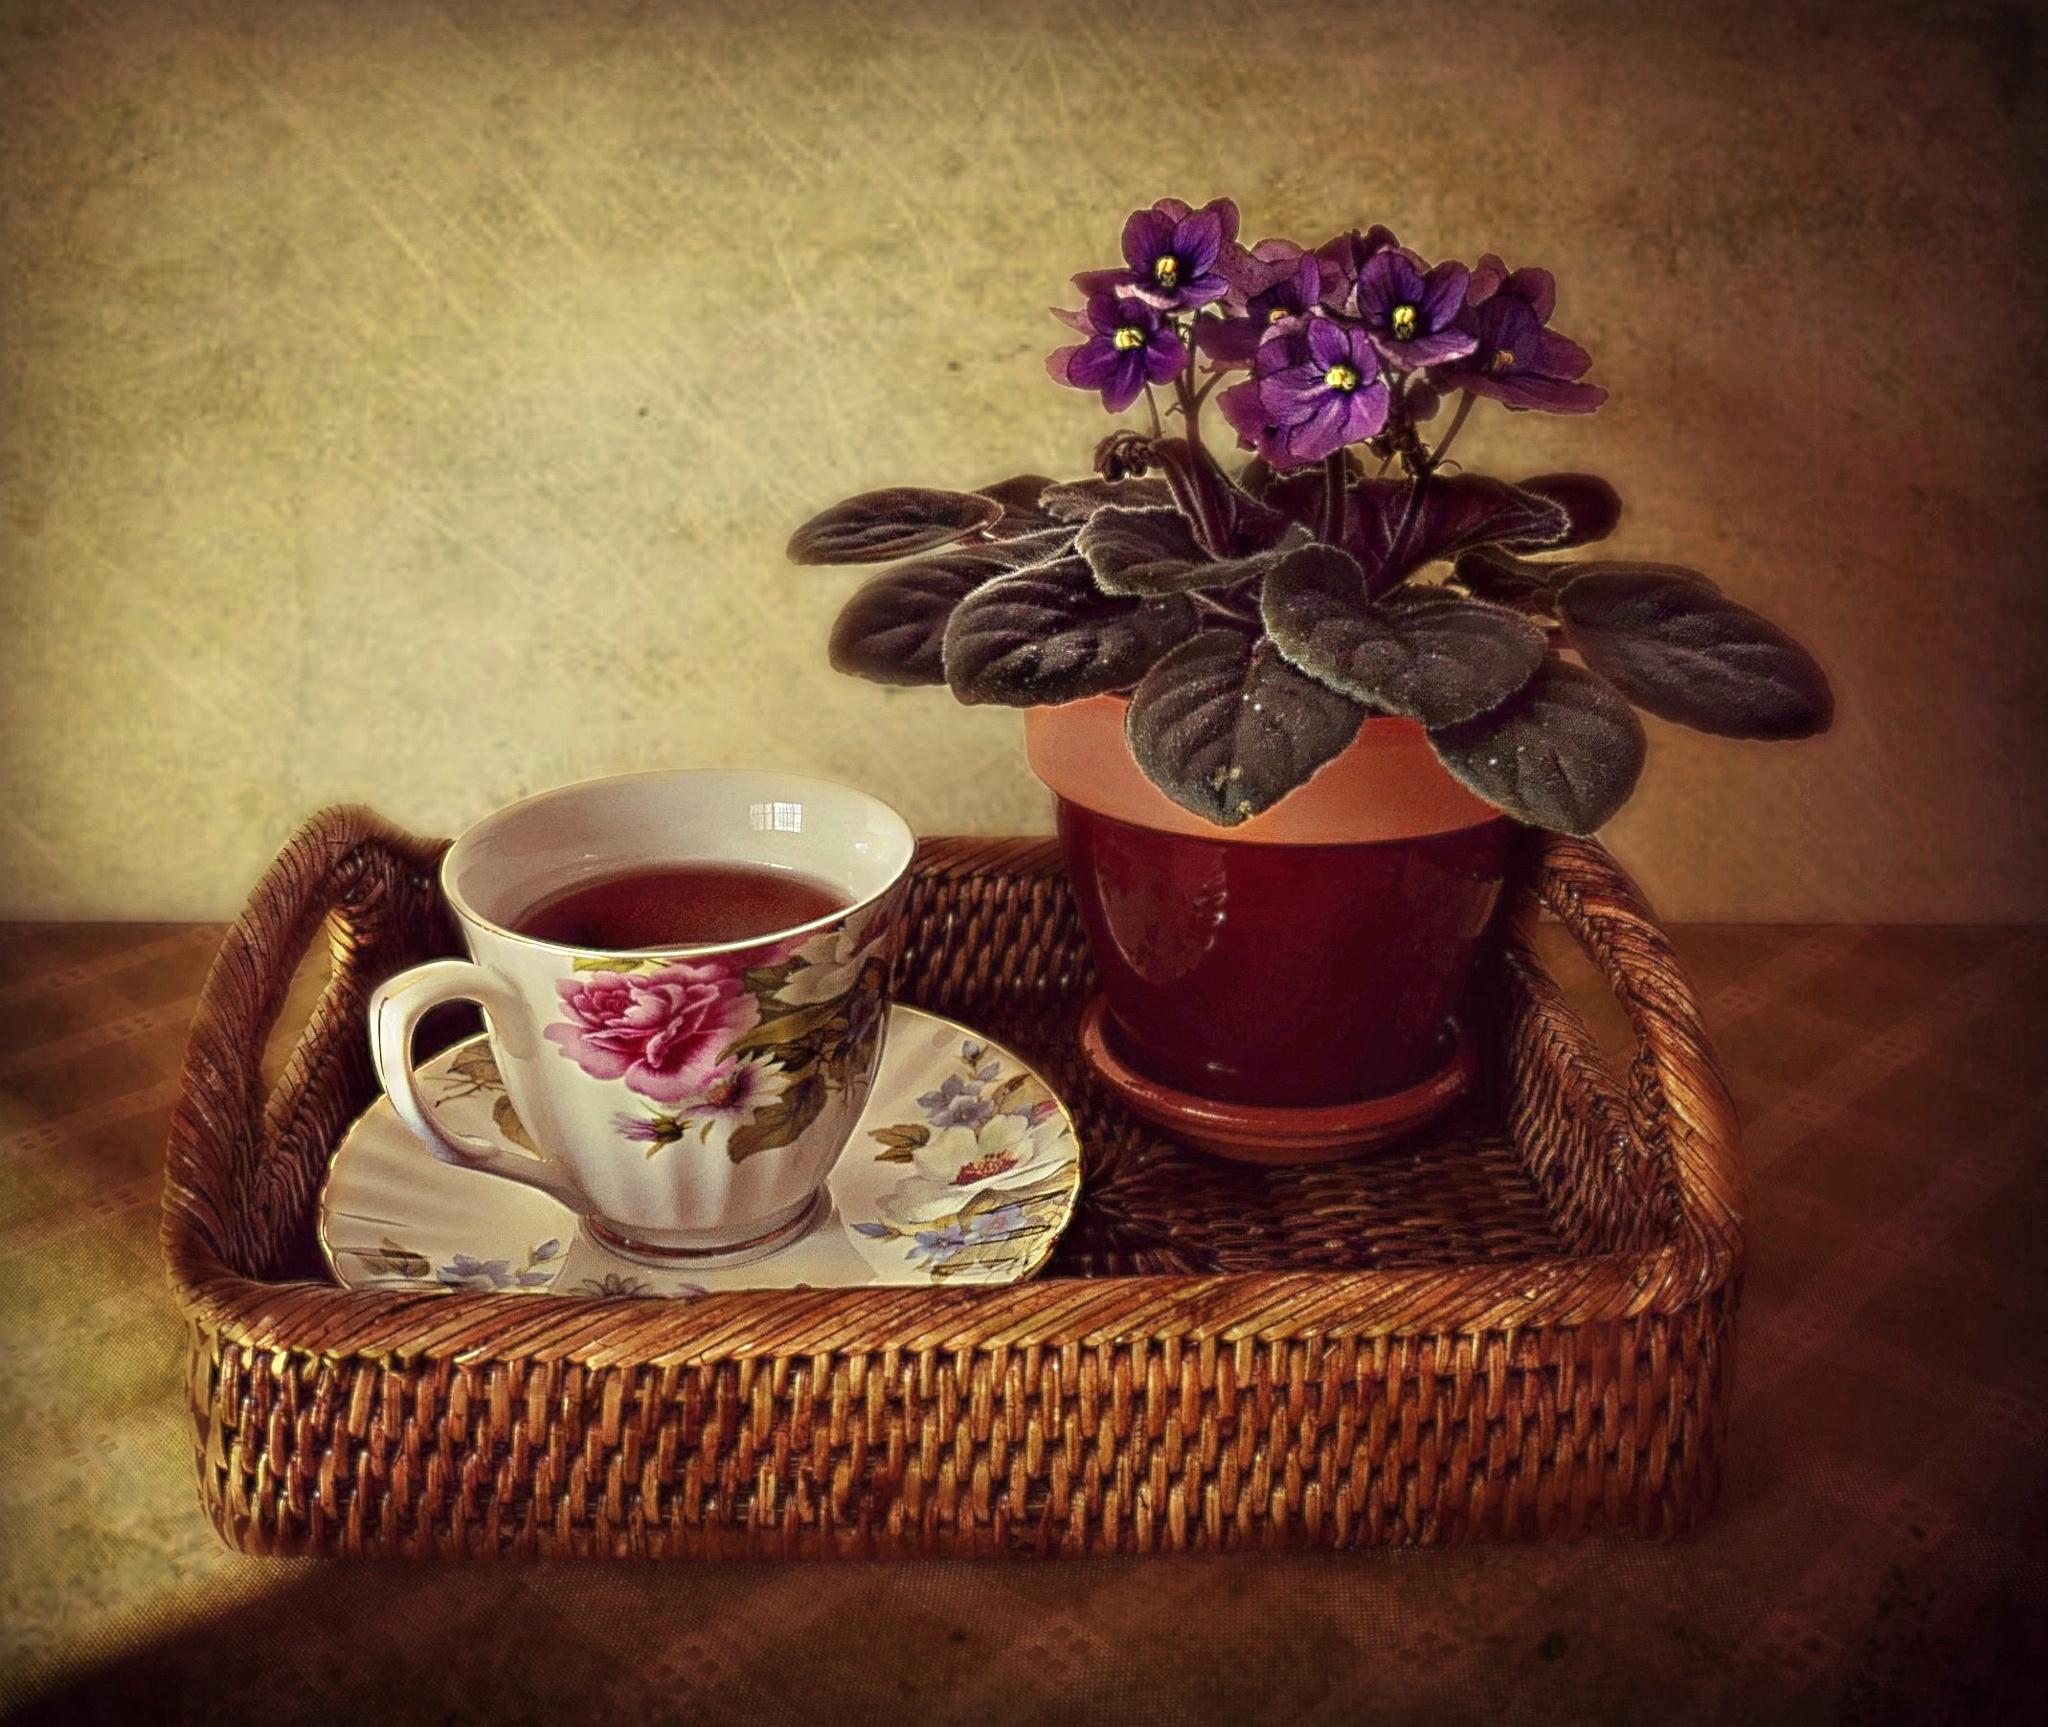 Afternoon Tea. by serenacltan